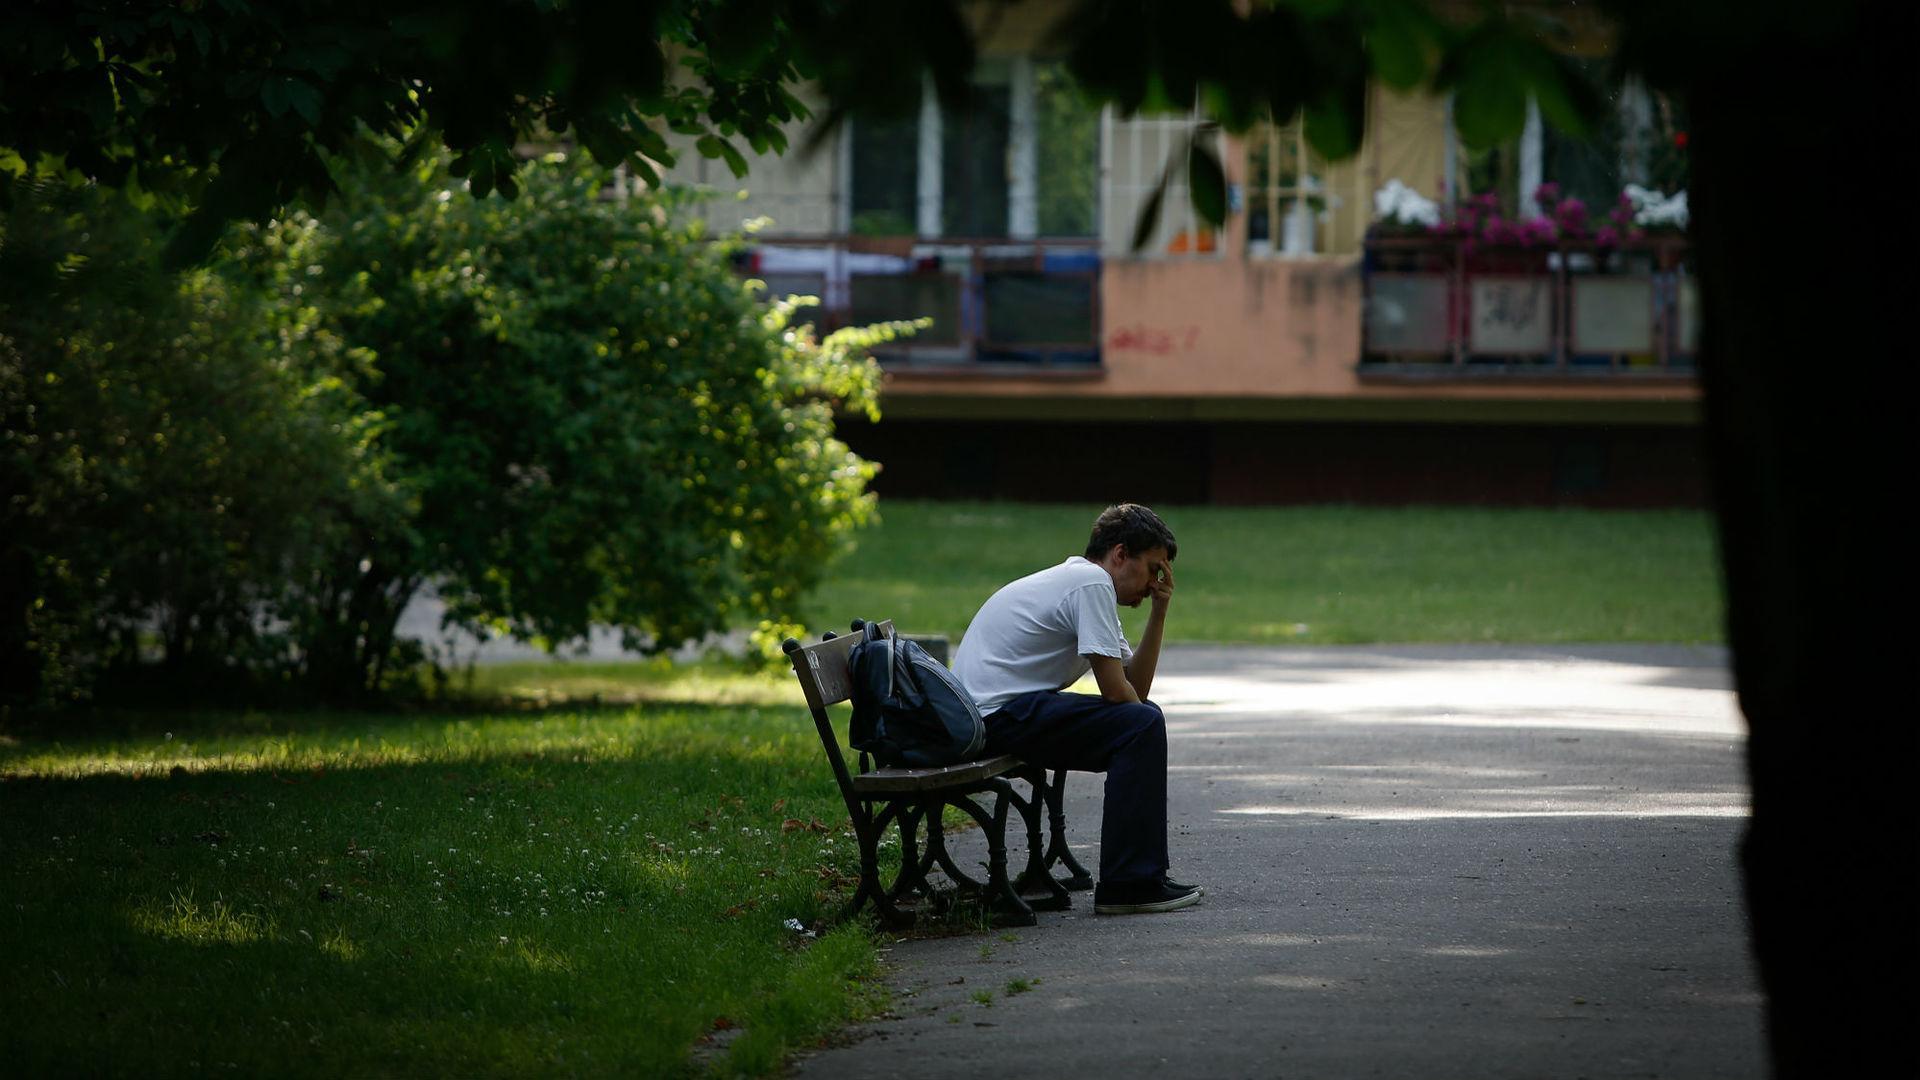 Недостаток сна эффективен для снятия симптомов депрессии